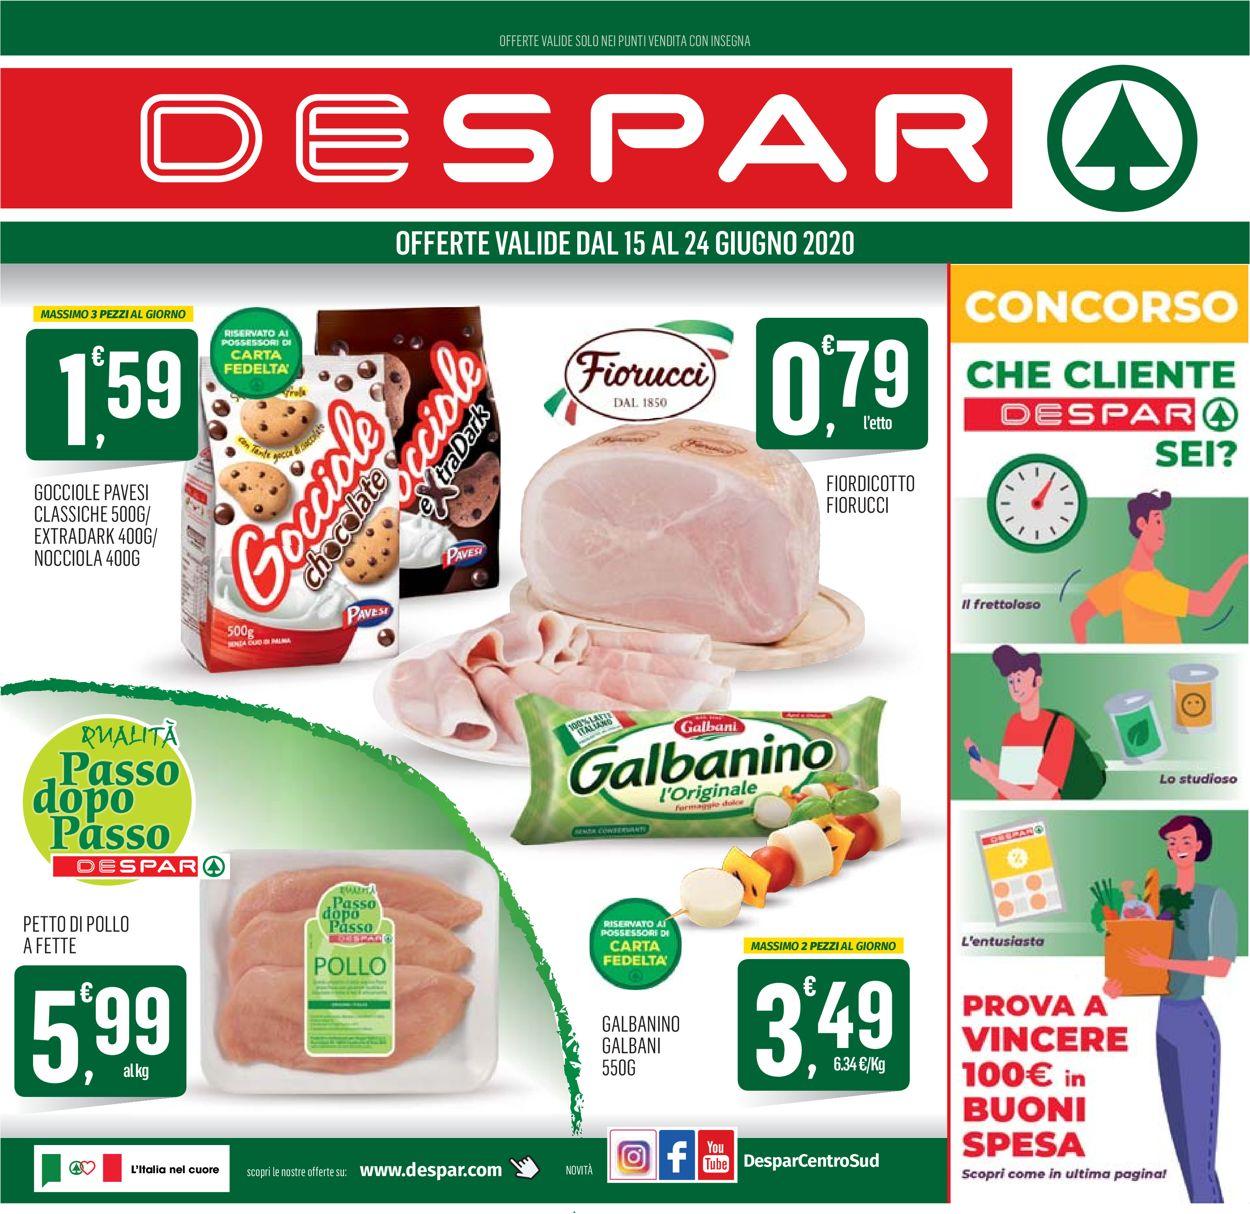 Volantino Despar - Offerte 14/06-24/06/2020